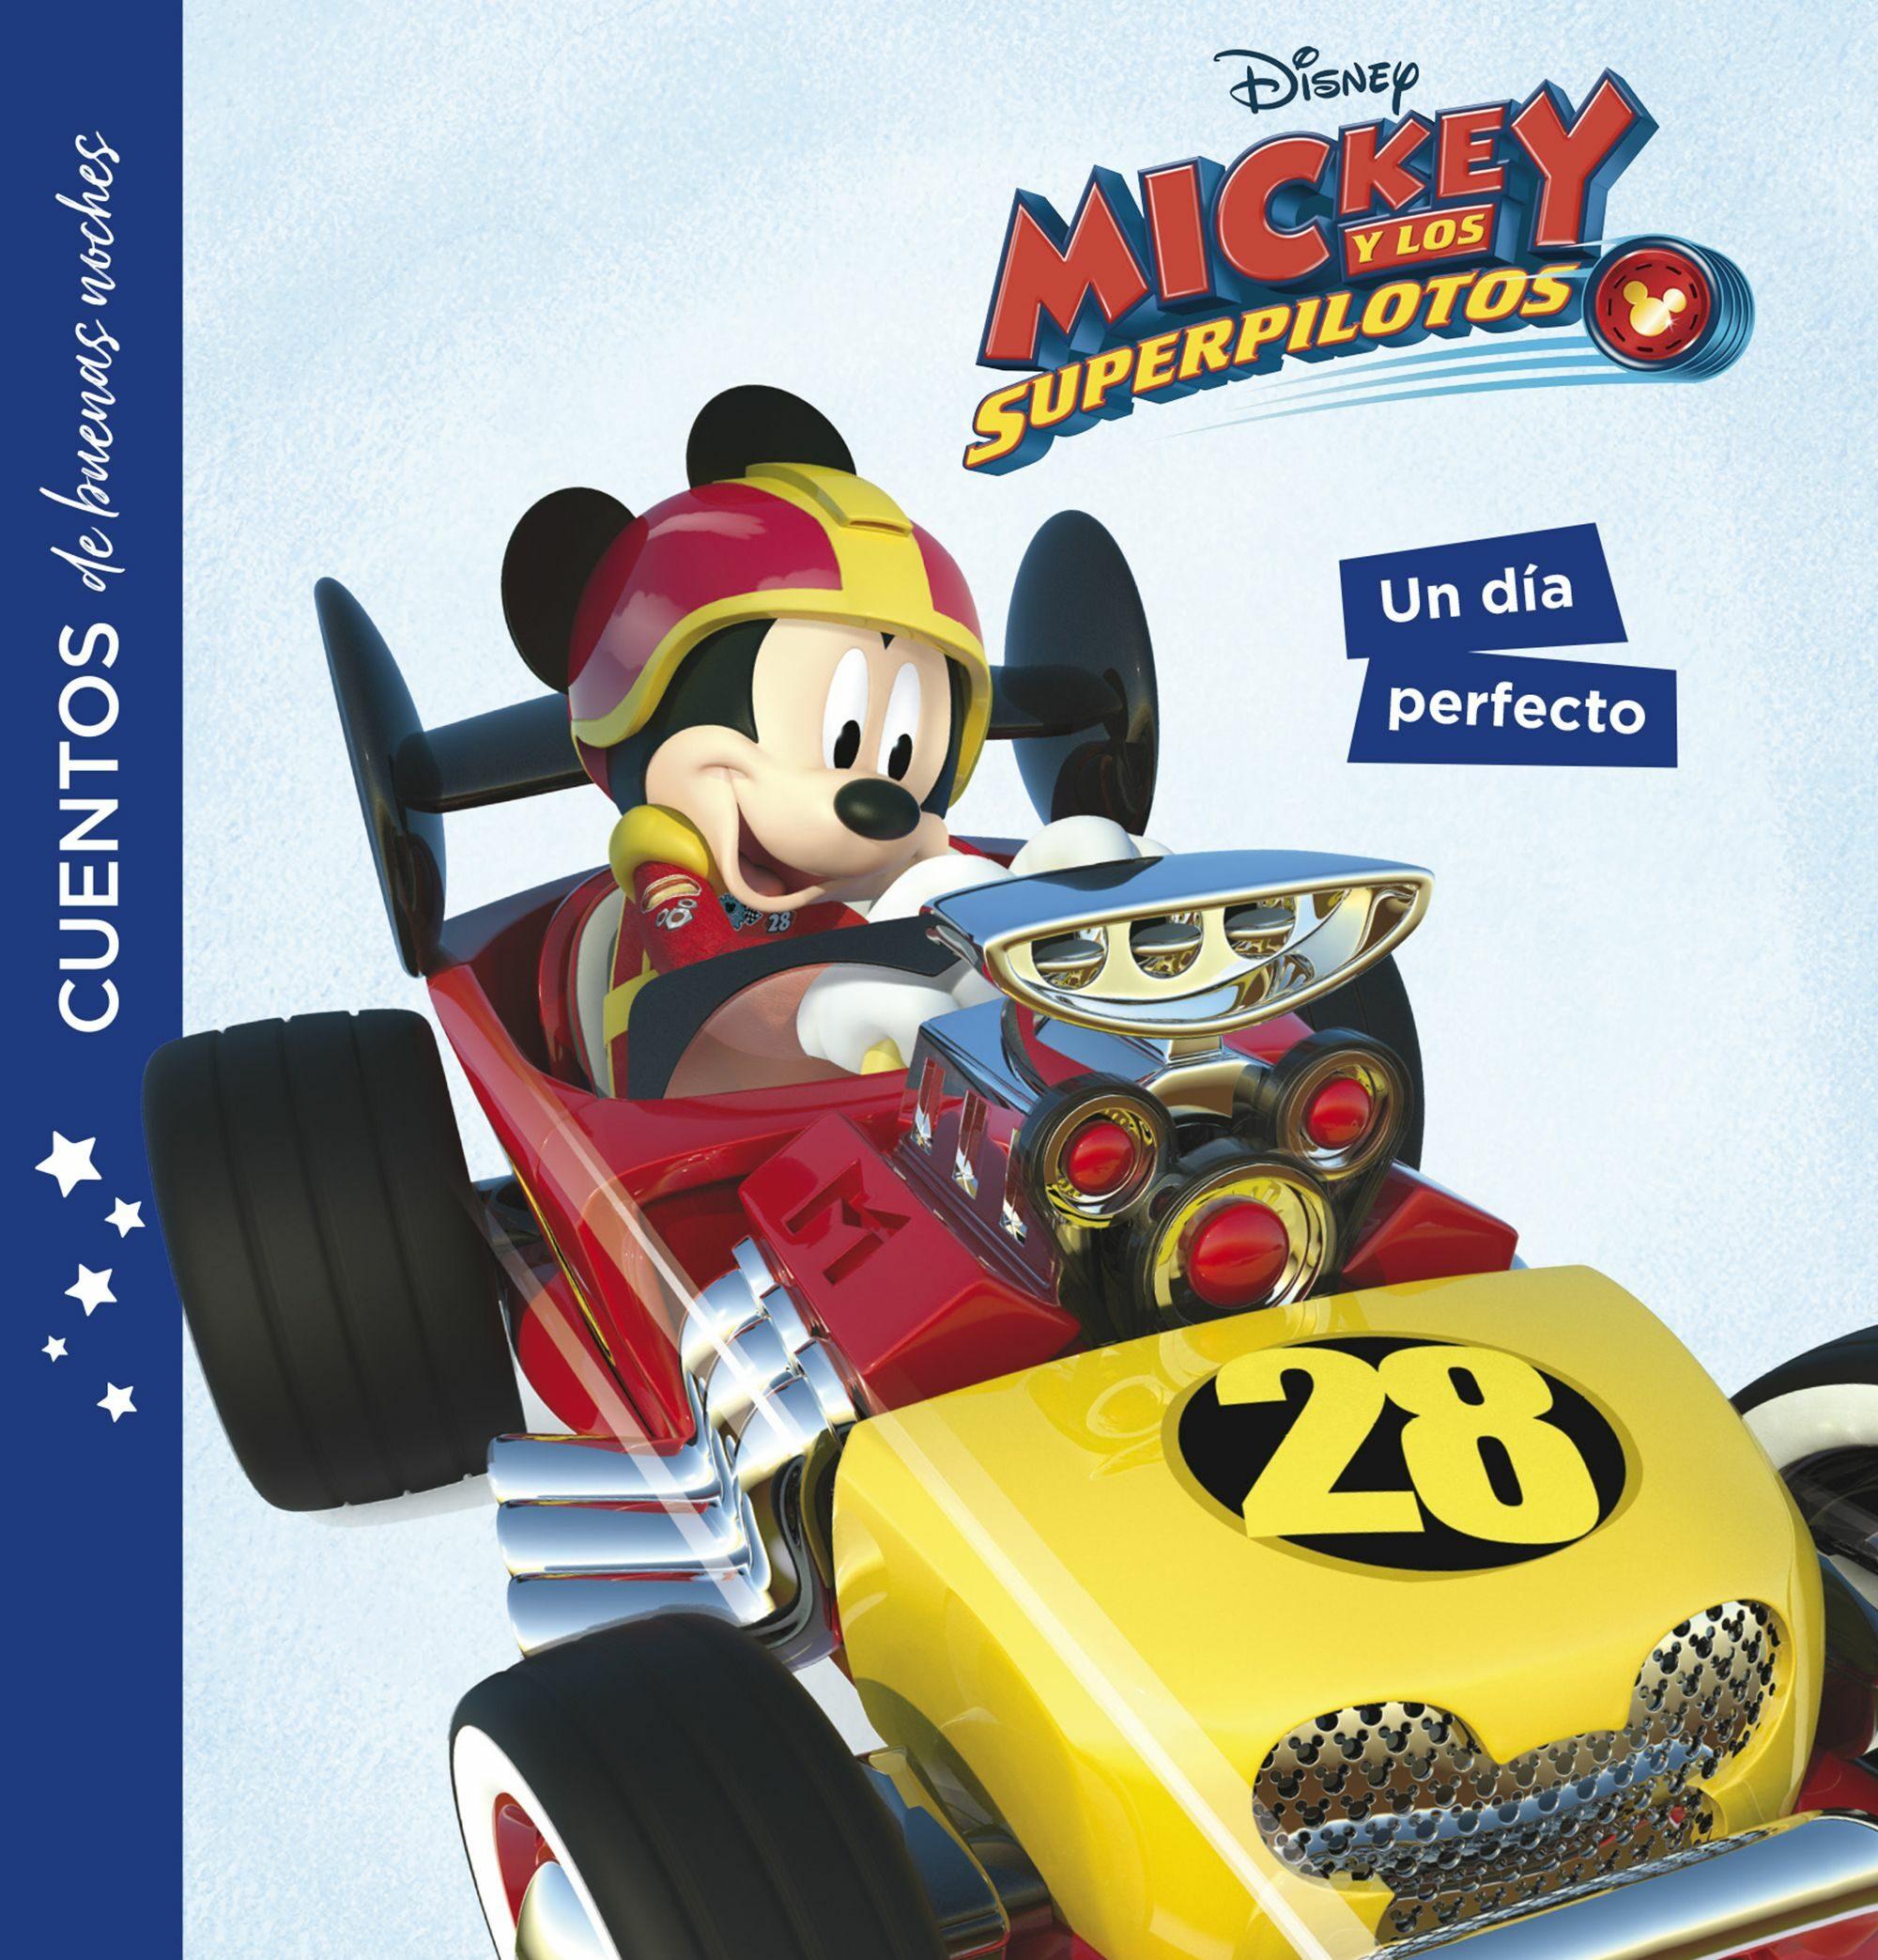 Mickey Y Los Superpilotos: Cuentos De Buenas Noches: Un Dia Perfecto por Vv.aa.